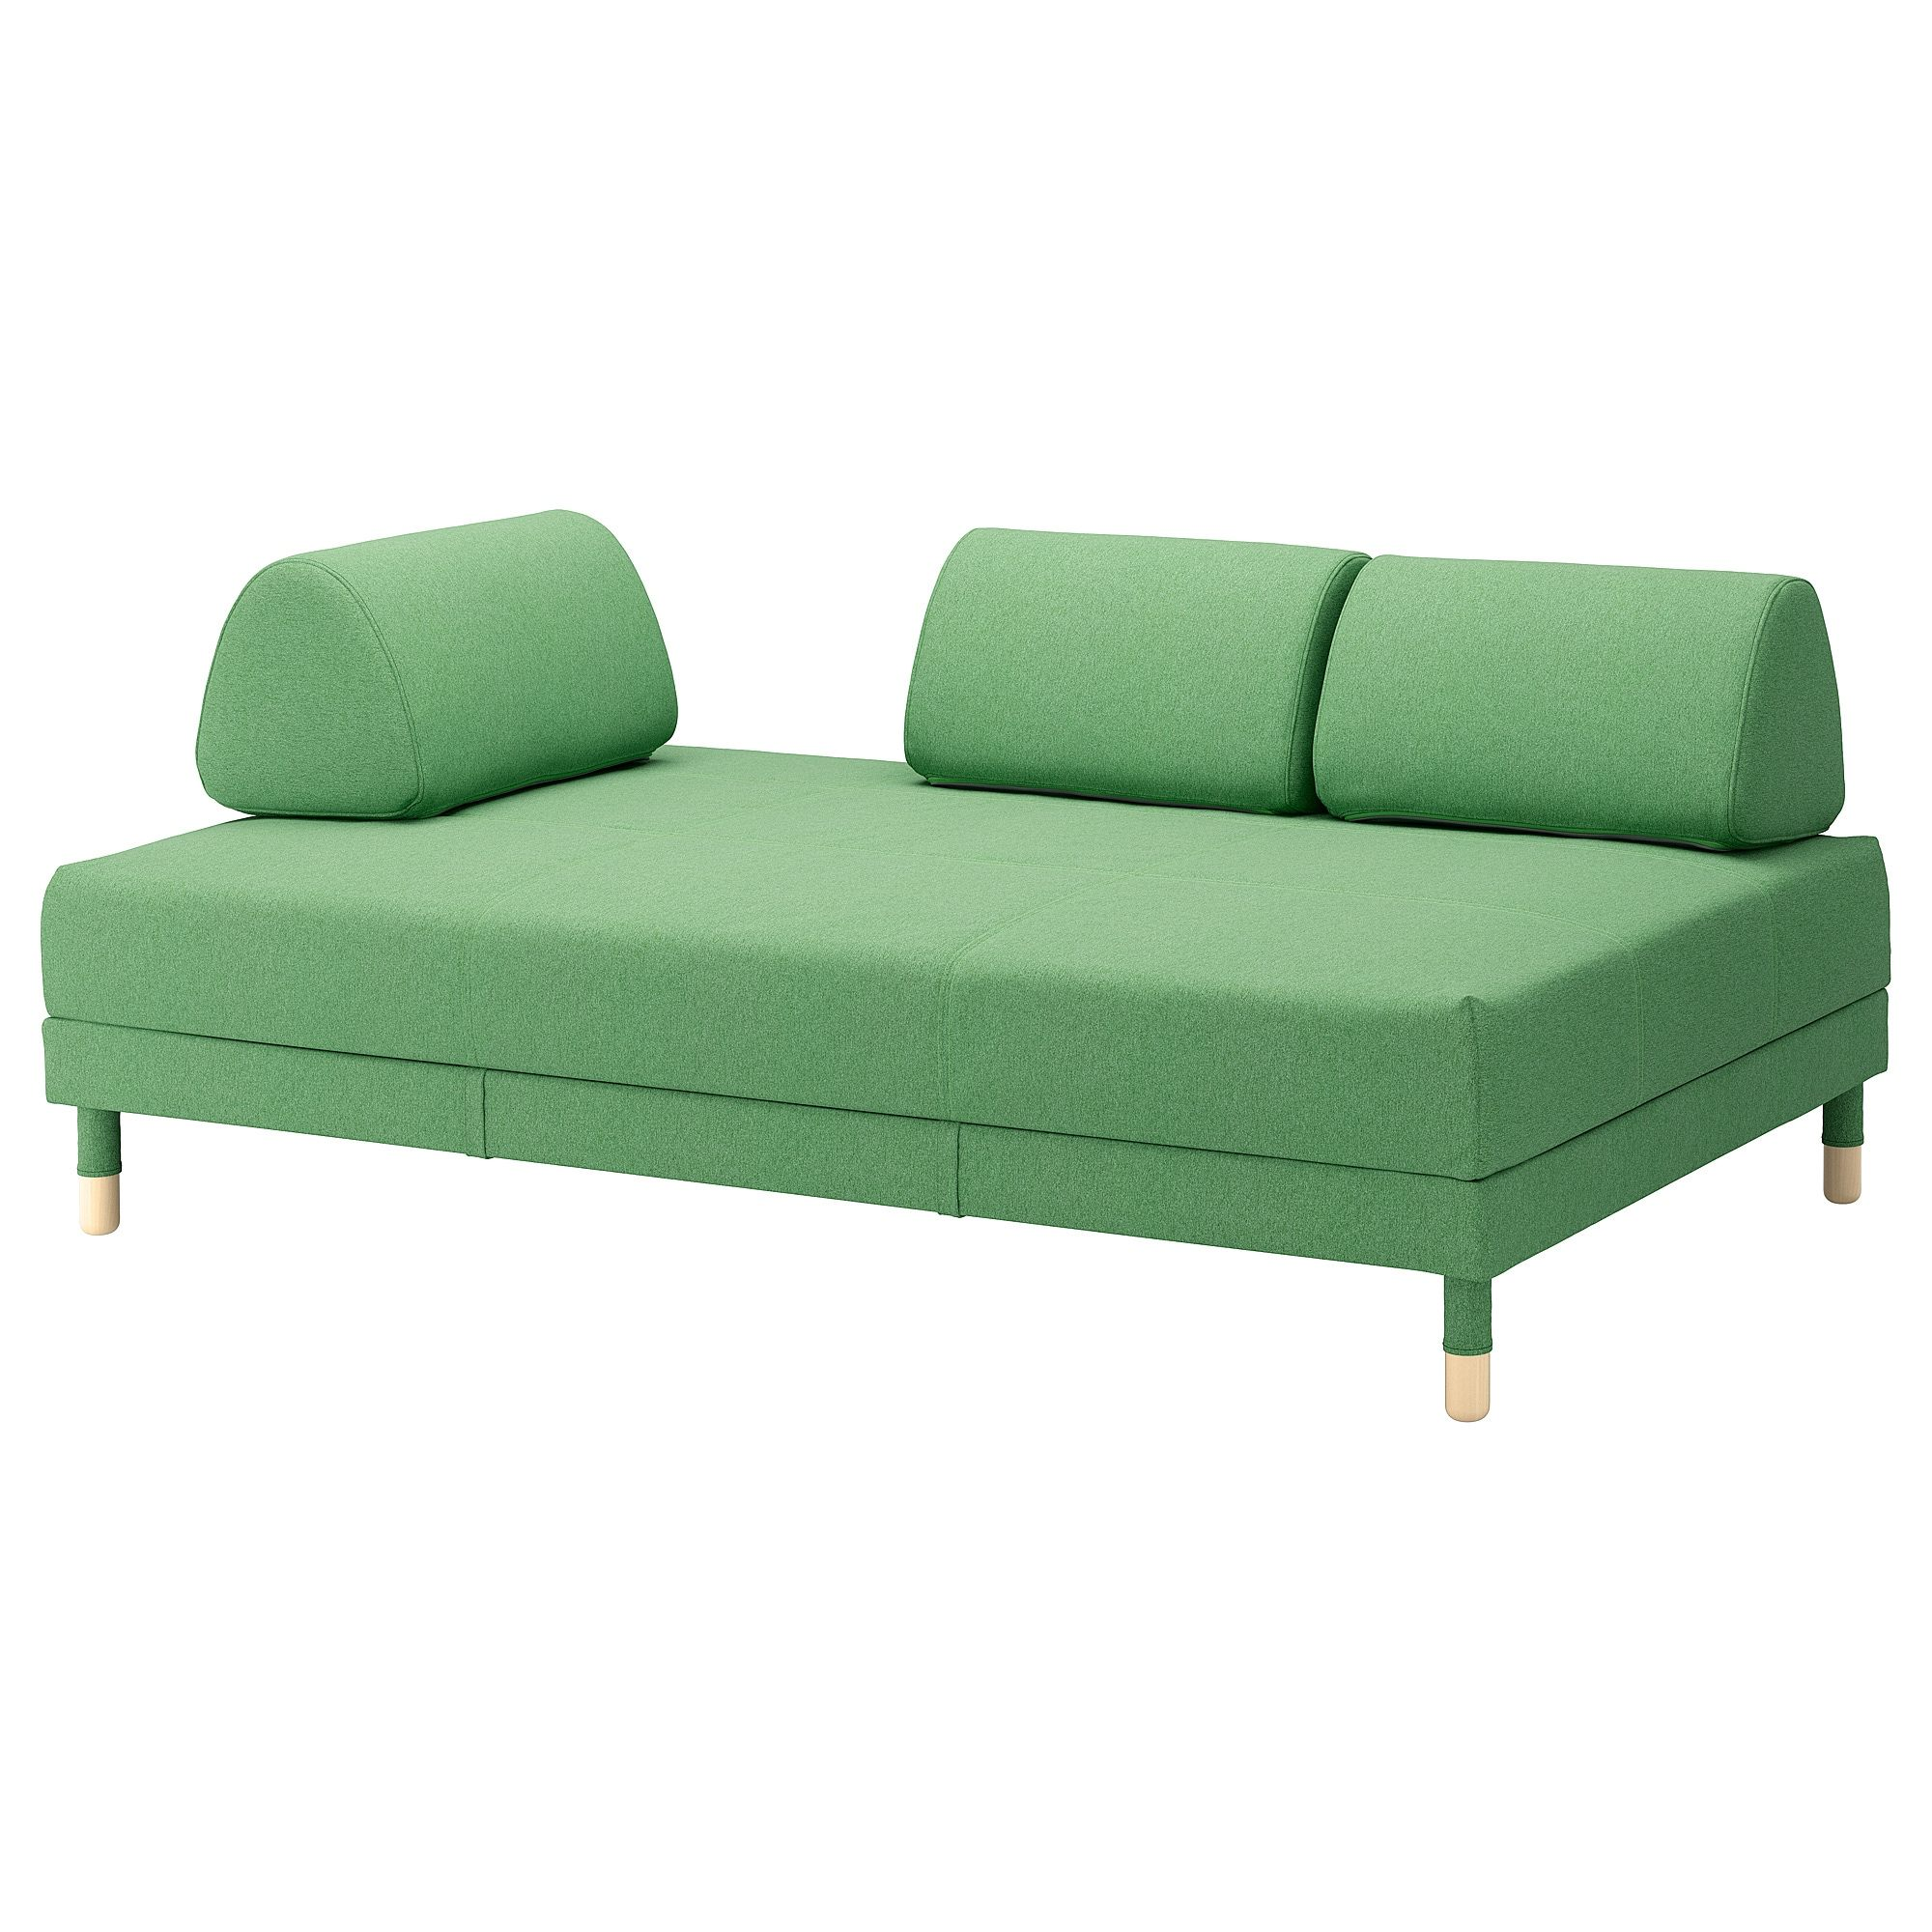 Ikea Canapé Lit Impressionnant Mignonne Canapé Lit Quoti N Ou Flottebo Canapé Lit 3 Places Lysed